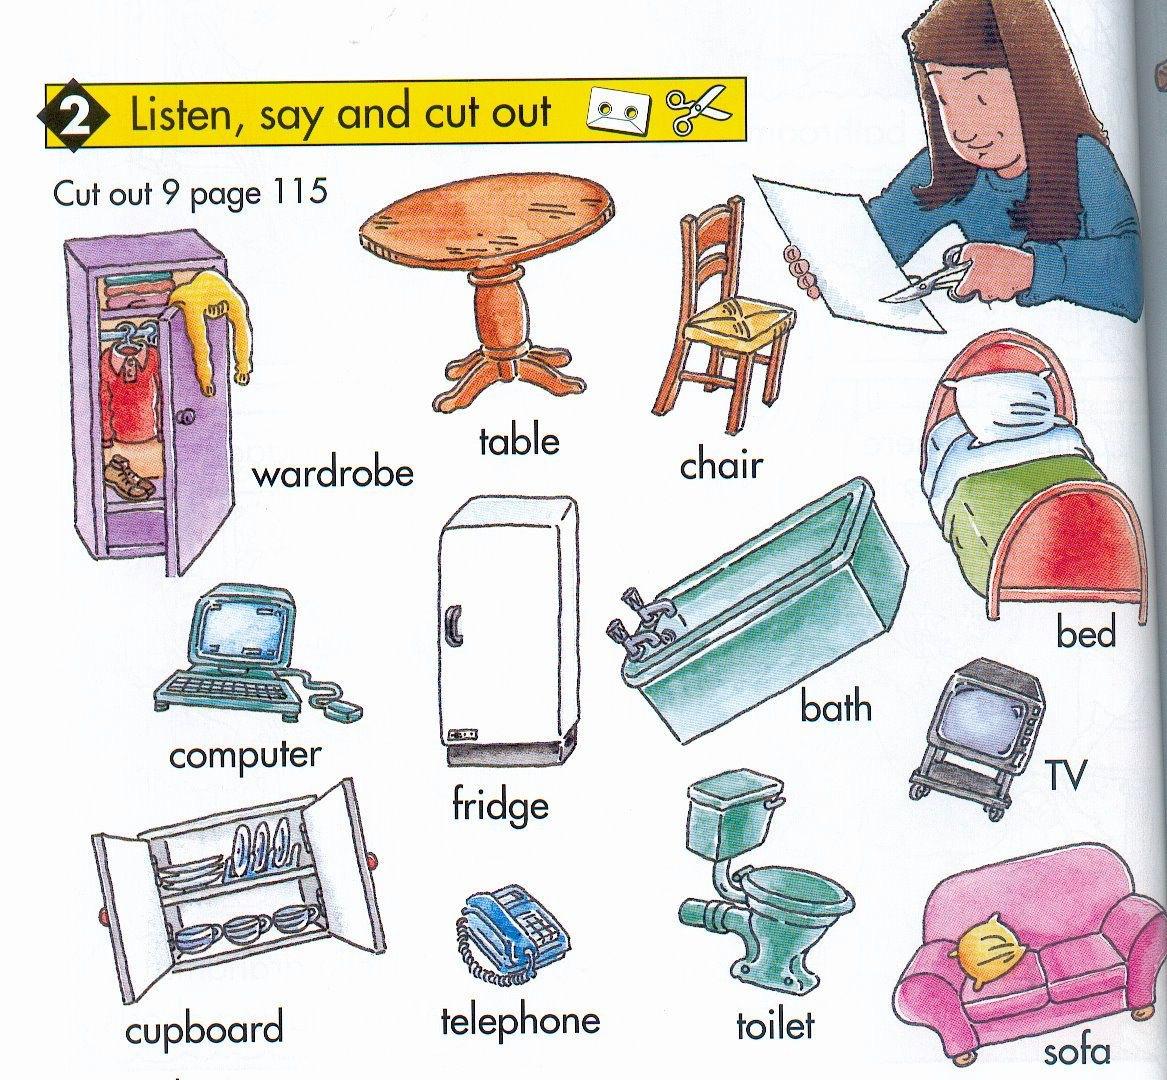 Muebles En Ingles - Te Cuento Un Cuento Muebles De Casa En Ingl S[mjhdah]https://i.pinimg.com/originals/43/45/e9/4345e93f4b8f67b3051cbae0f520a04a.jpg